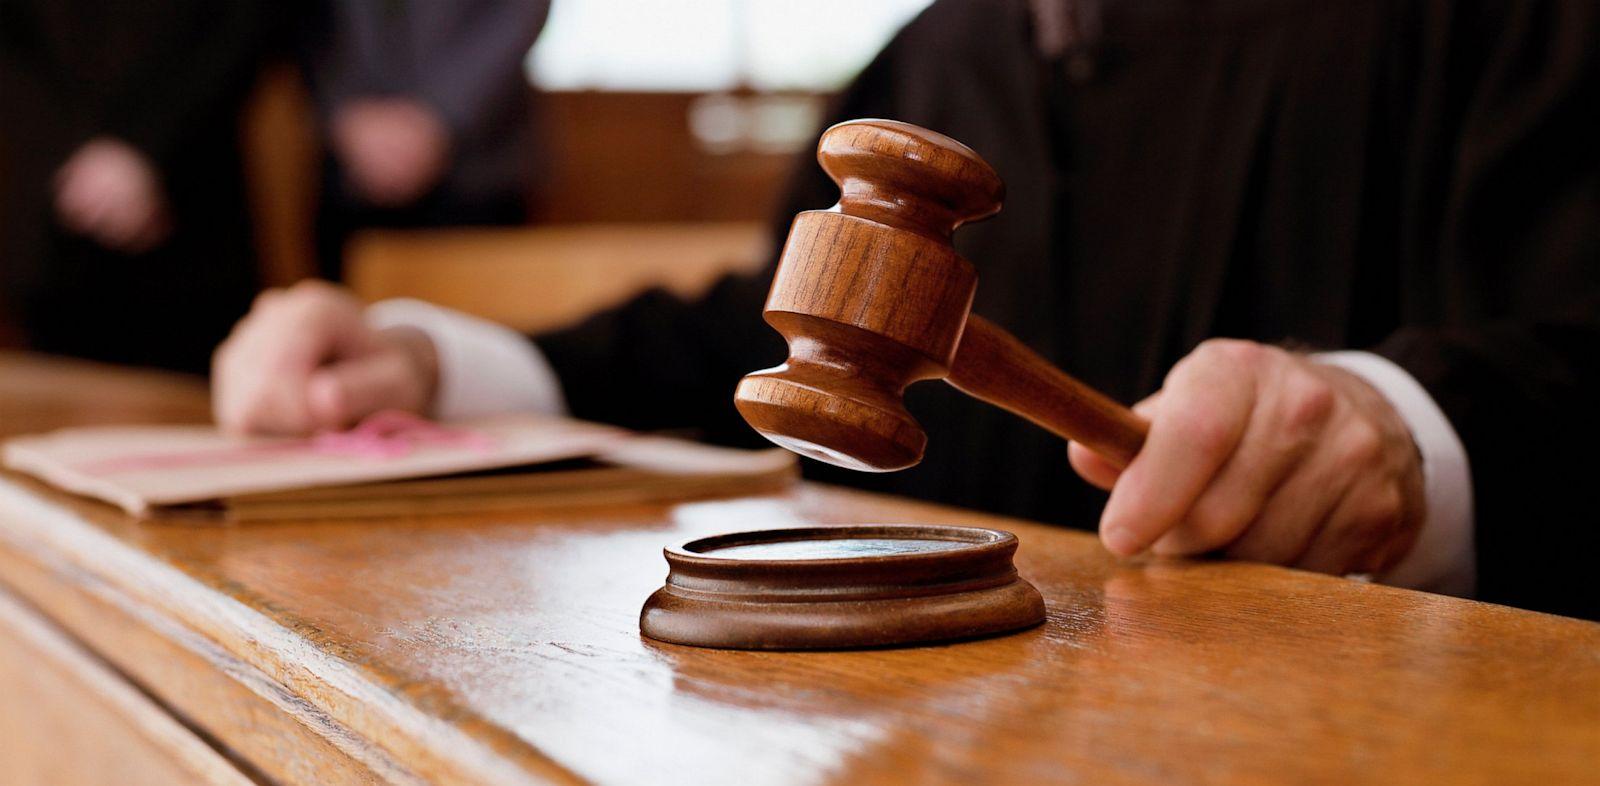 სასამართლომ ლერი სულაბერიძეზე თავდასხმის საქმეზე დაკავებულ კიდევ ერთ პირს პატიმრობა შეუფარდა